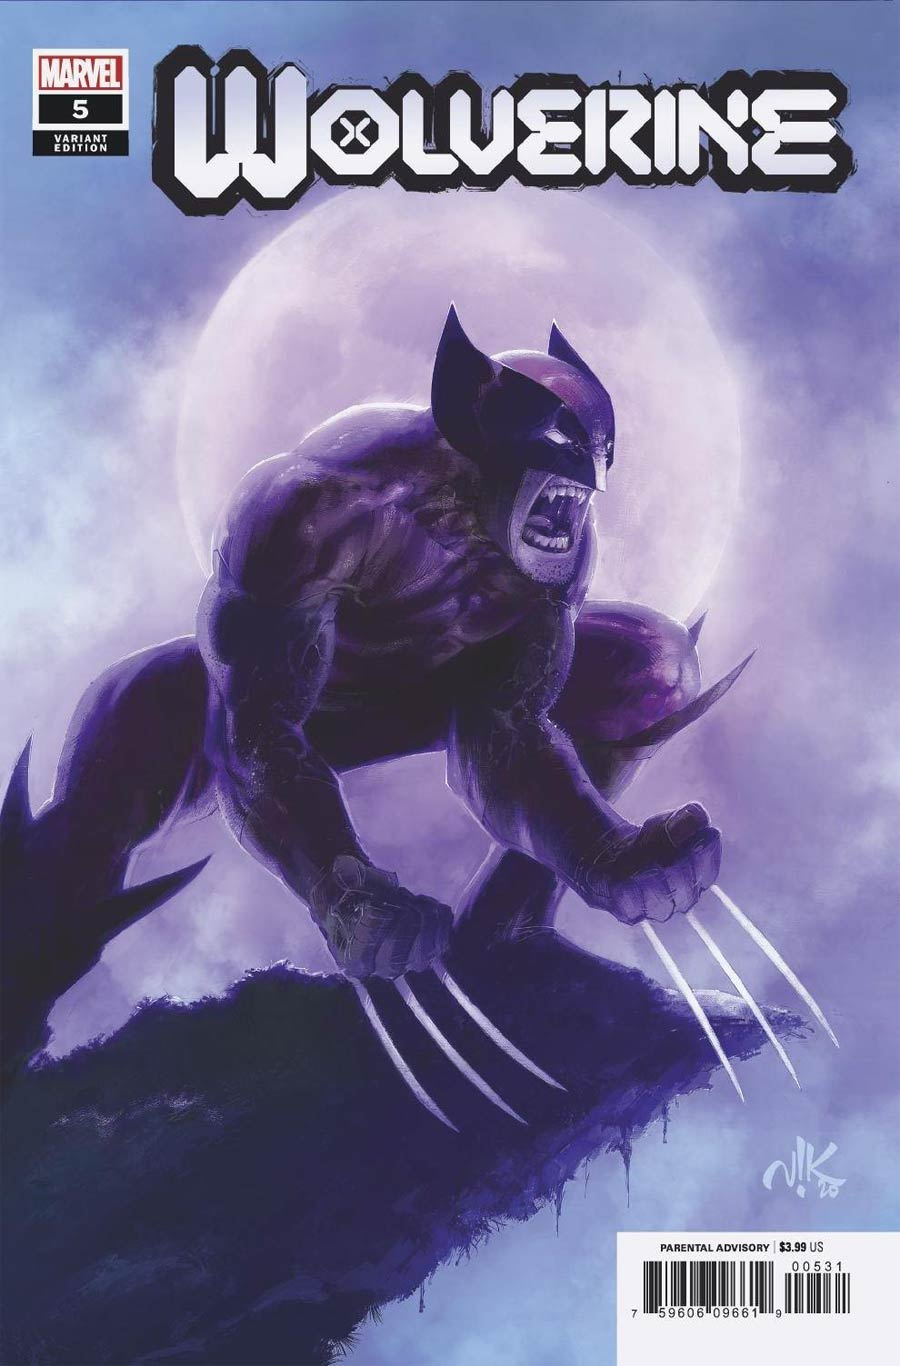 Wolverine Vol 7 #5 Cover C Incentive Viktor Bogdanovic Variant Cover